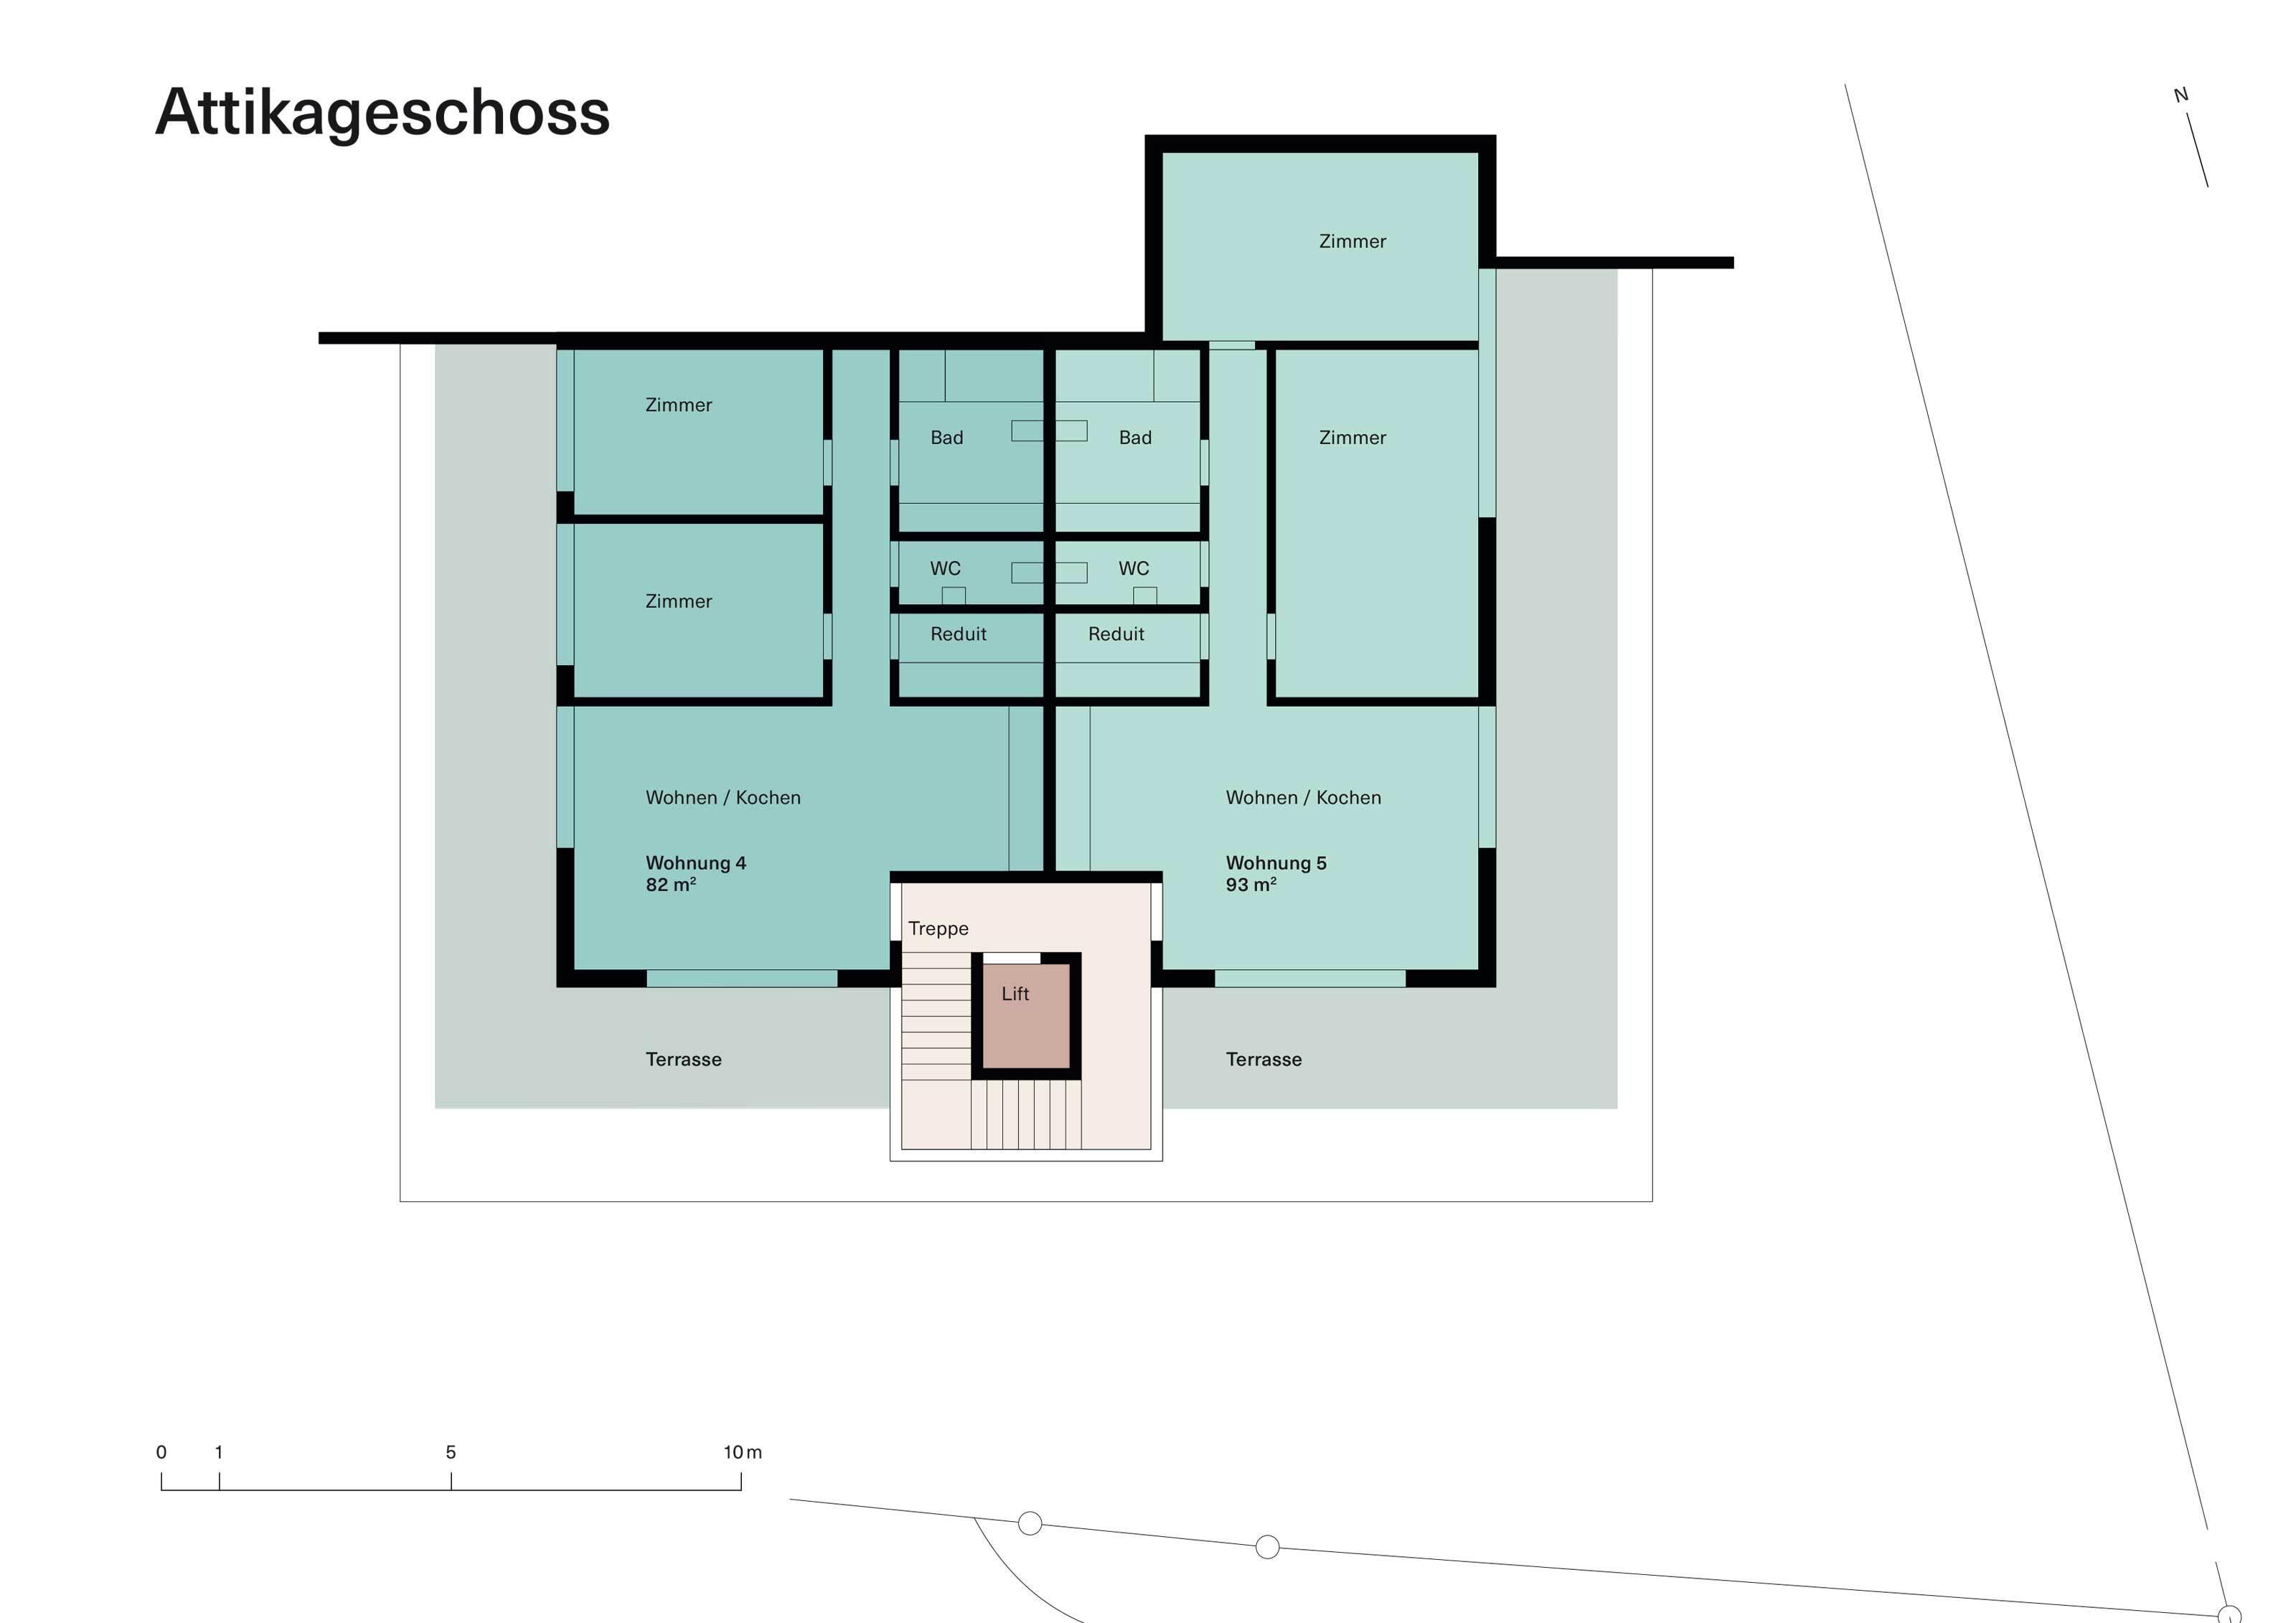 Vorstudie Neubau Attikageschoss